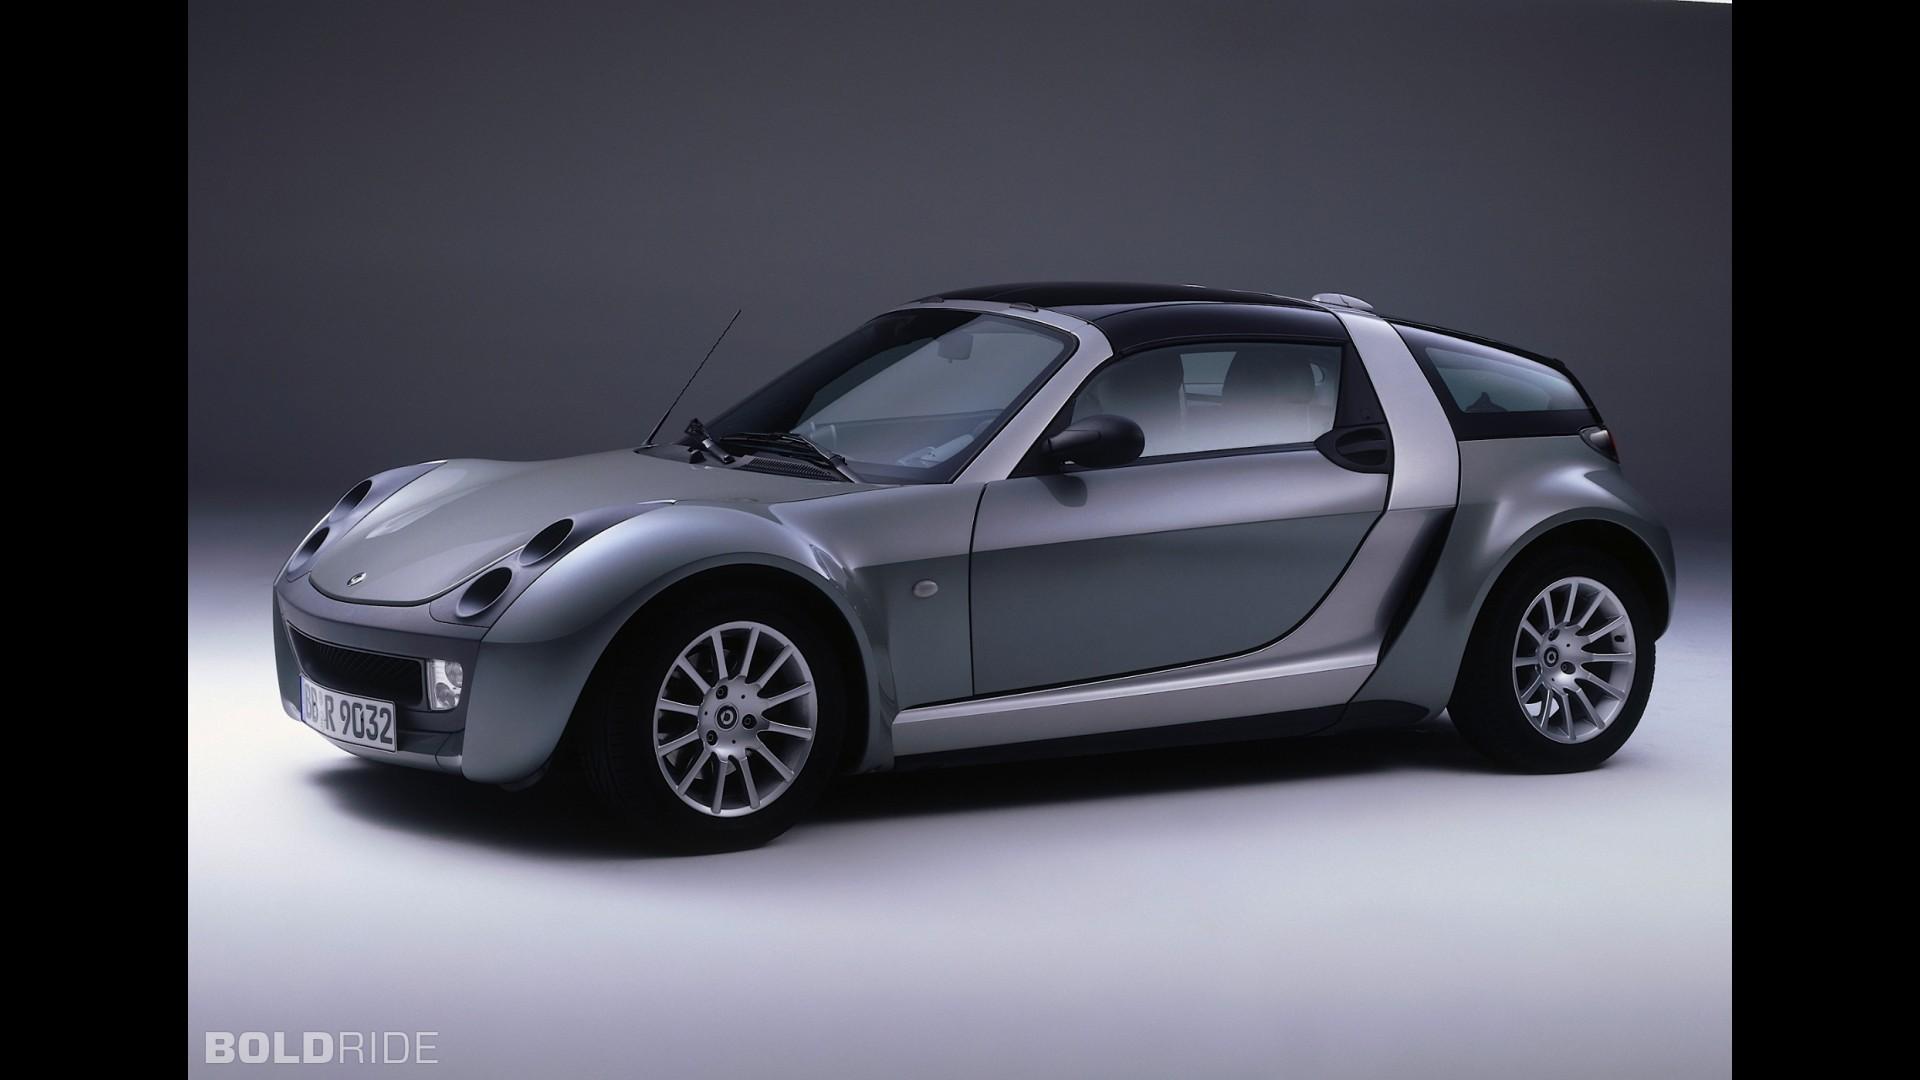 smart roadster coupe. Black Bedroom Furniture Sets. Home Design Ideas